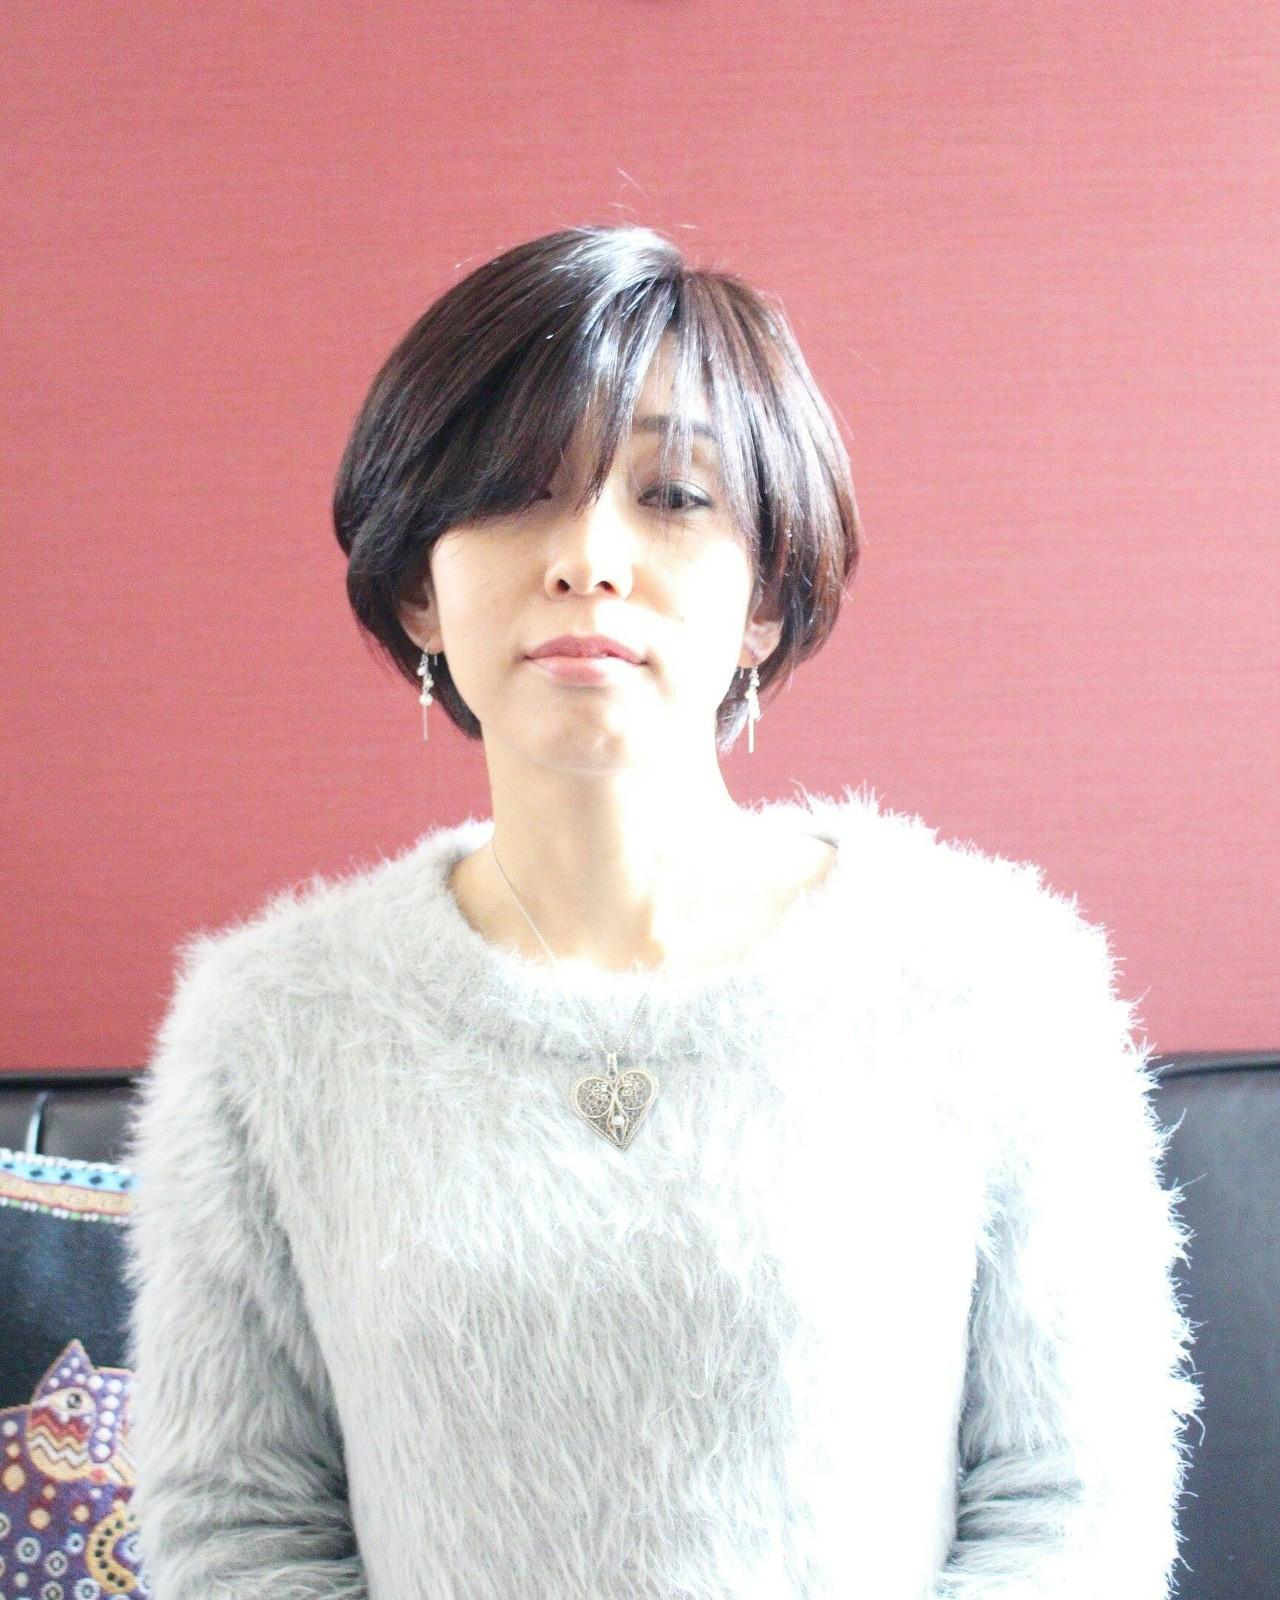 ボブ ショートボブ イルミナカラー フェミニン ヘアスタイルや髪型の写真・画像